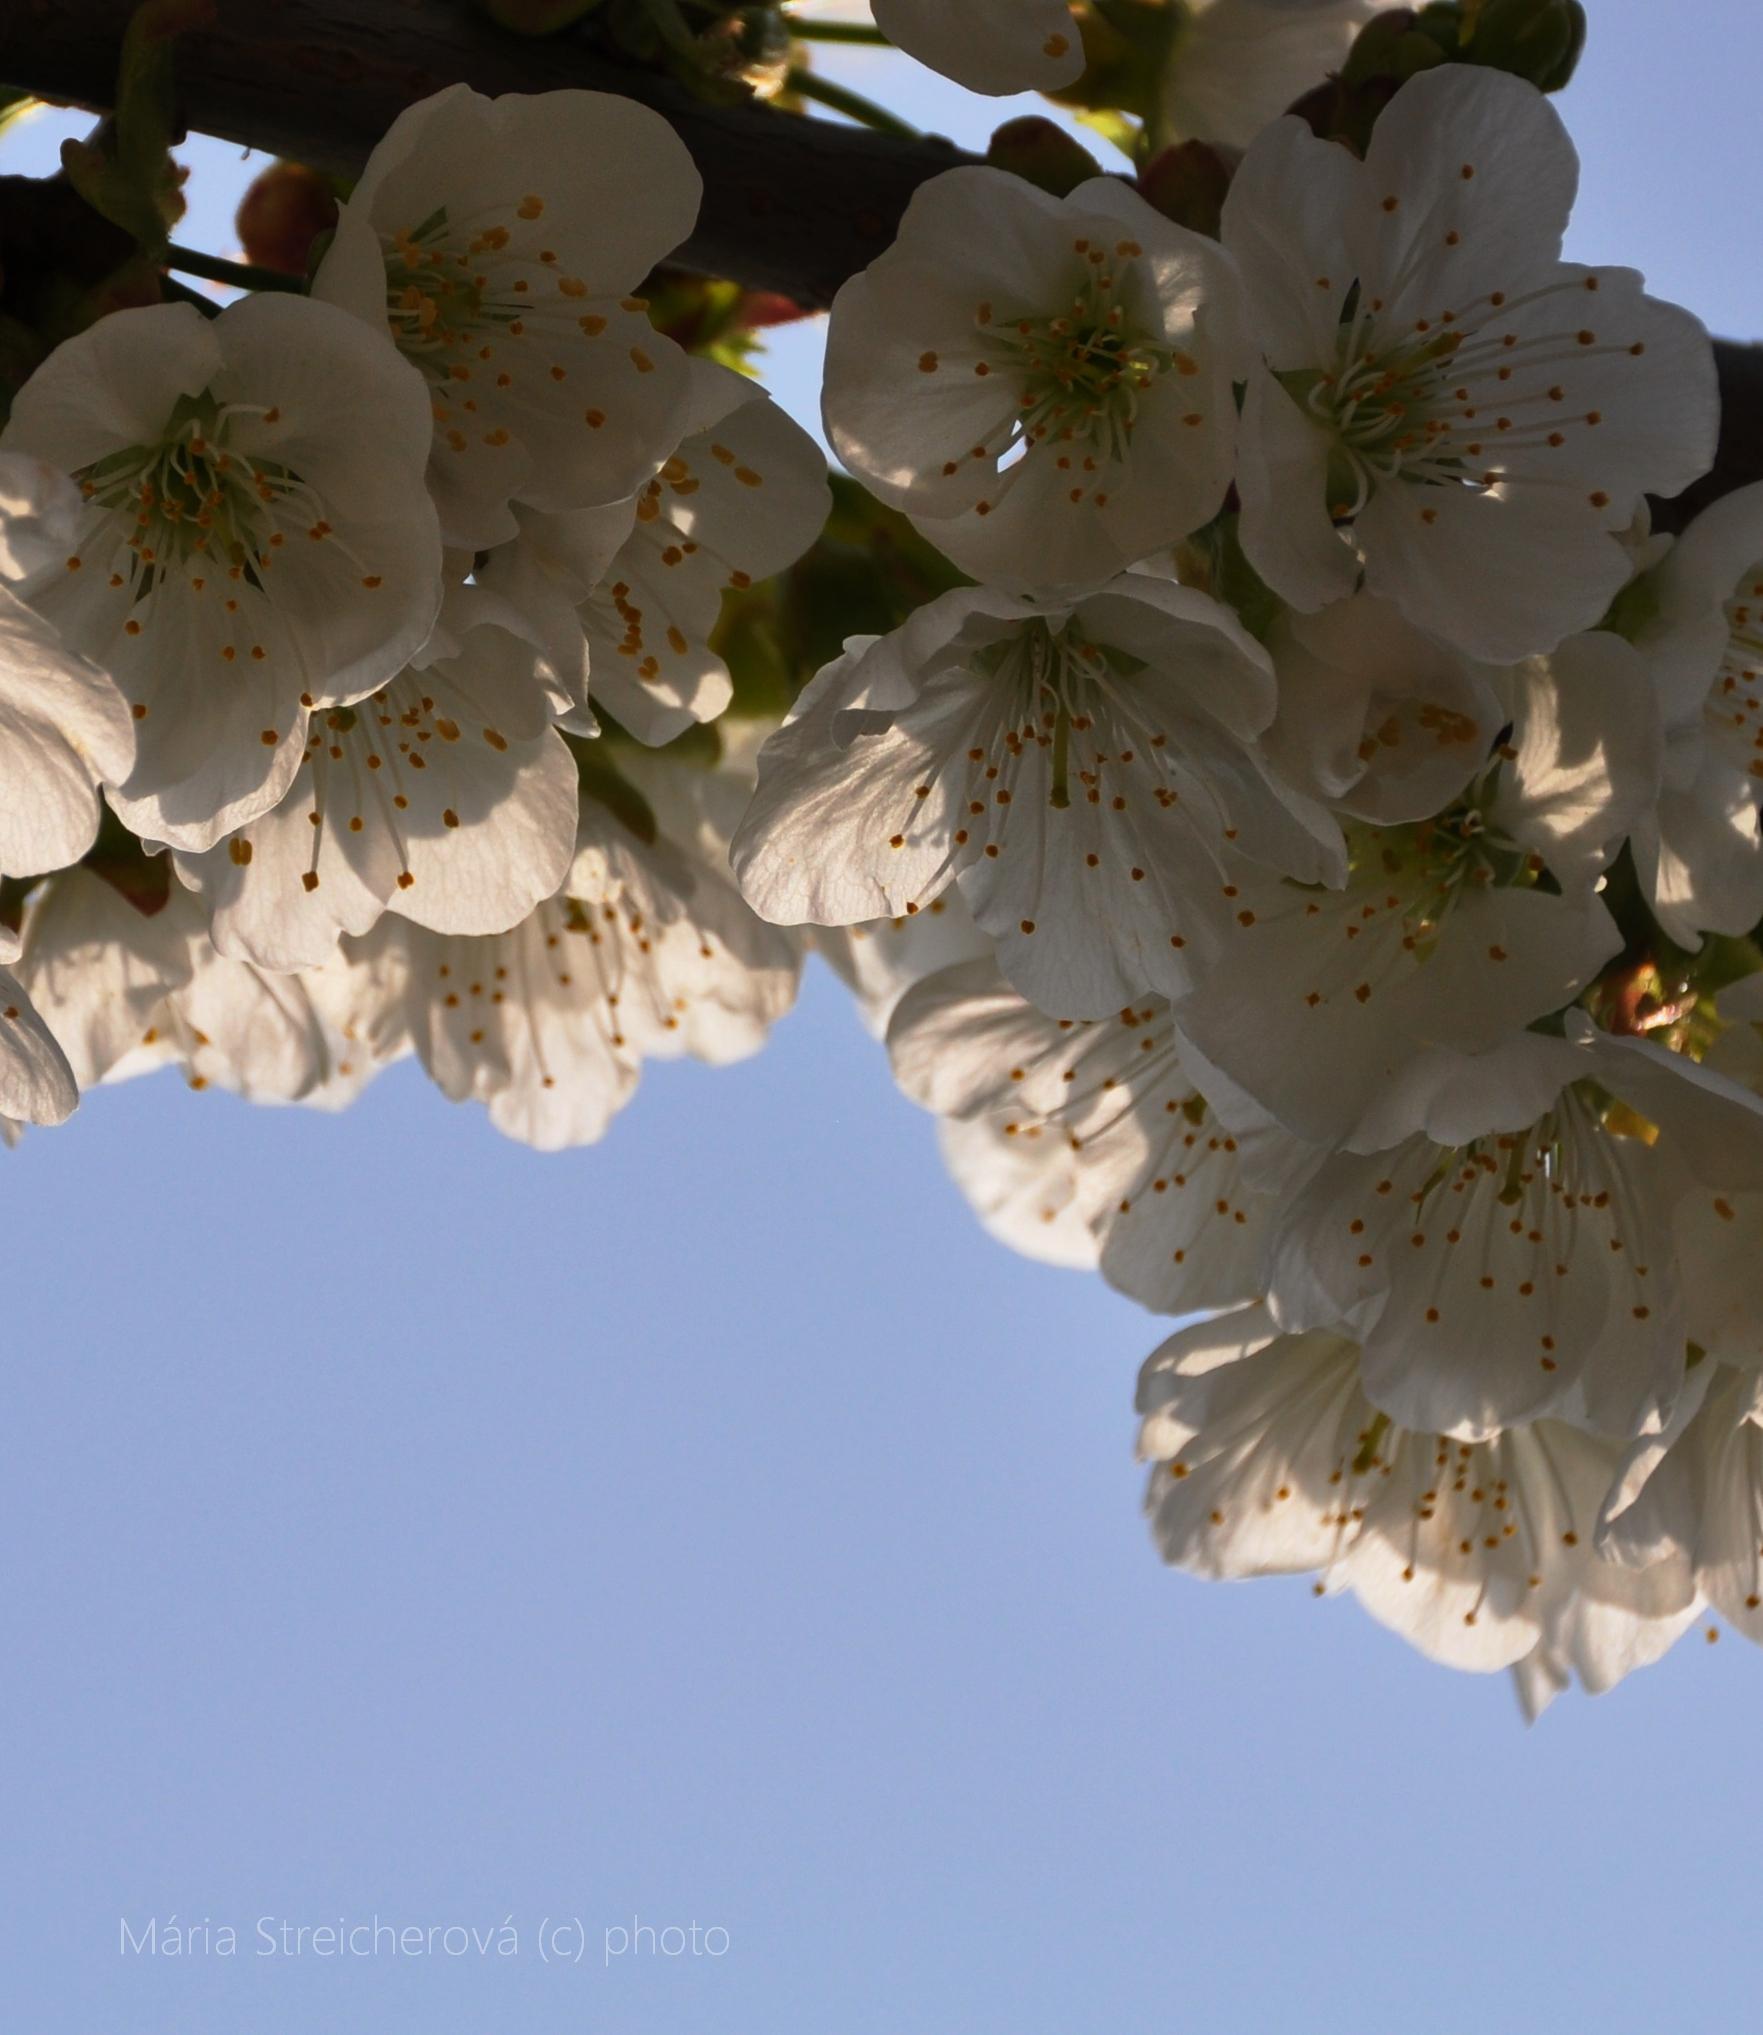 Rozkvitnutá vetvička čerešňového stromu, kvitnúce čerešne